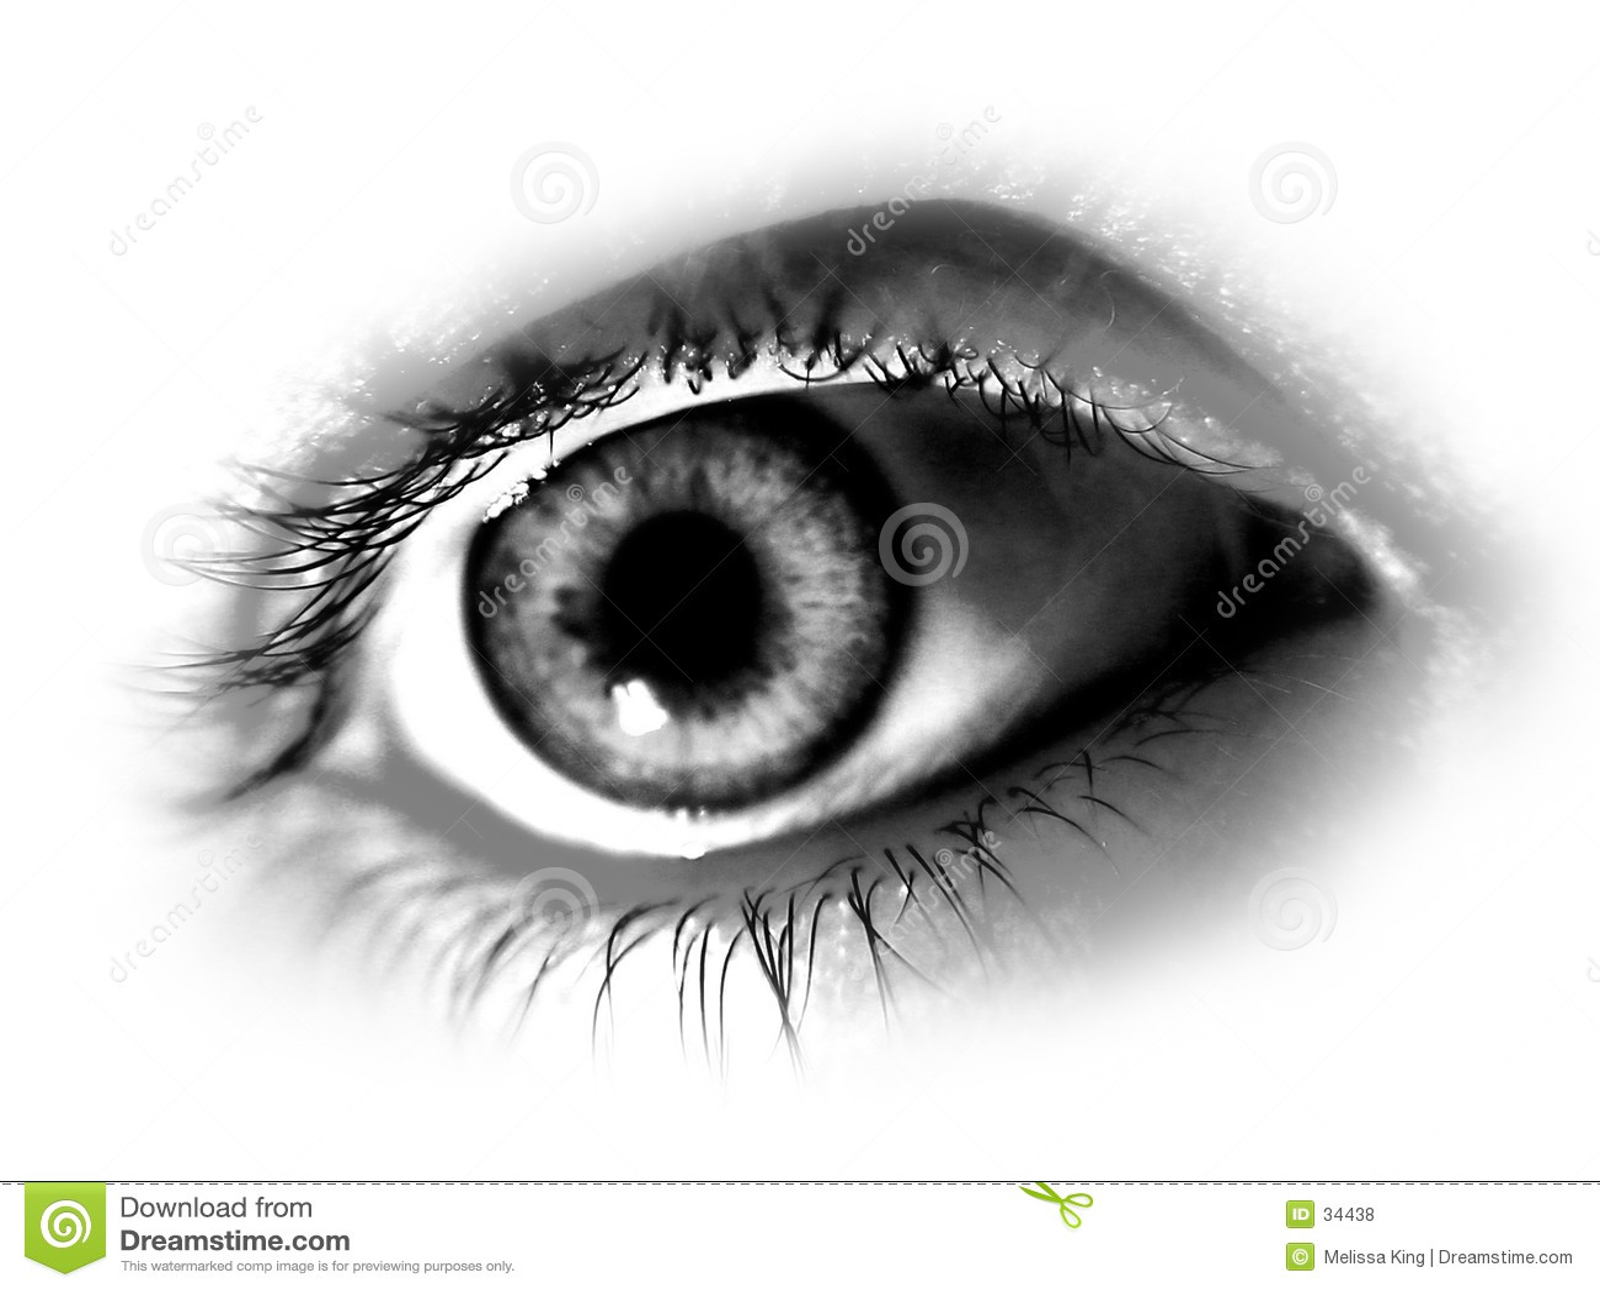 Occhio Desaturated astratto